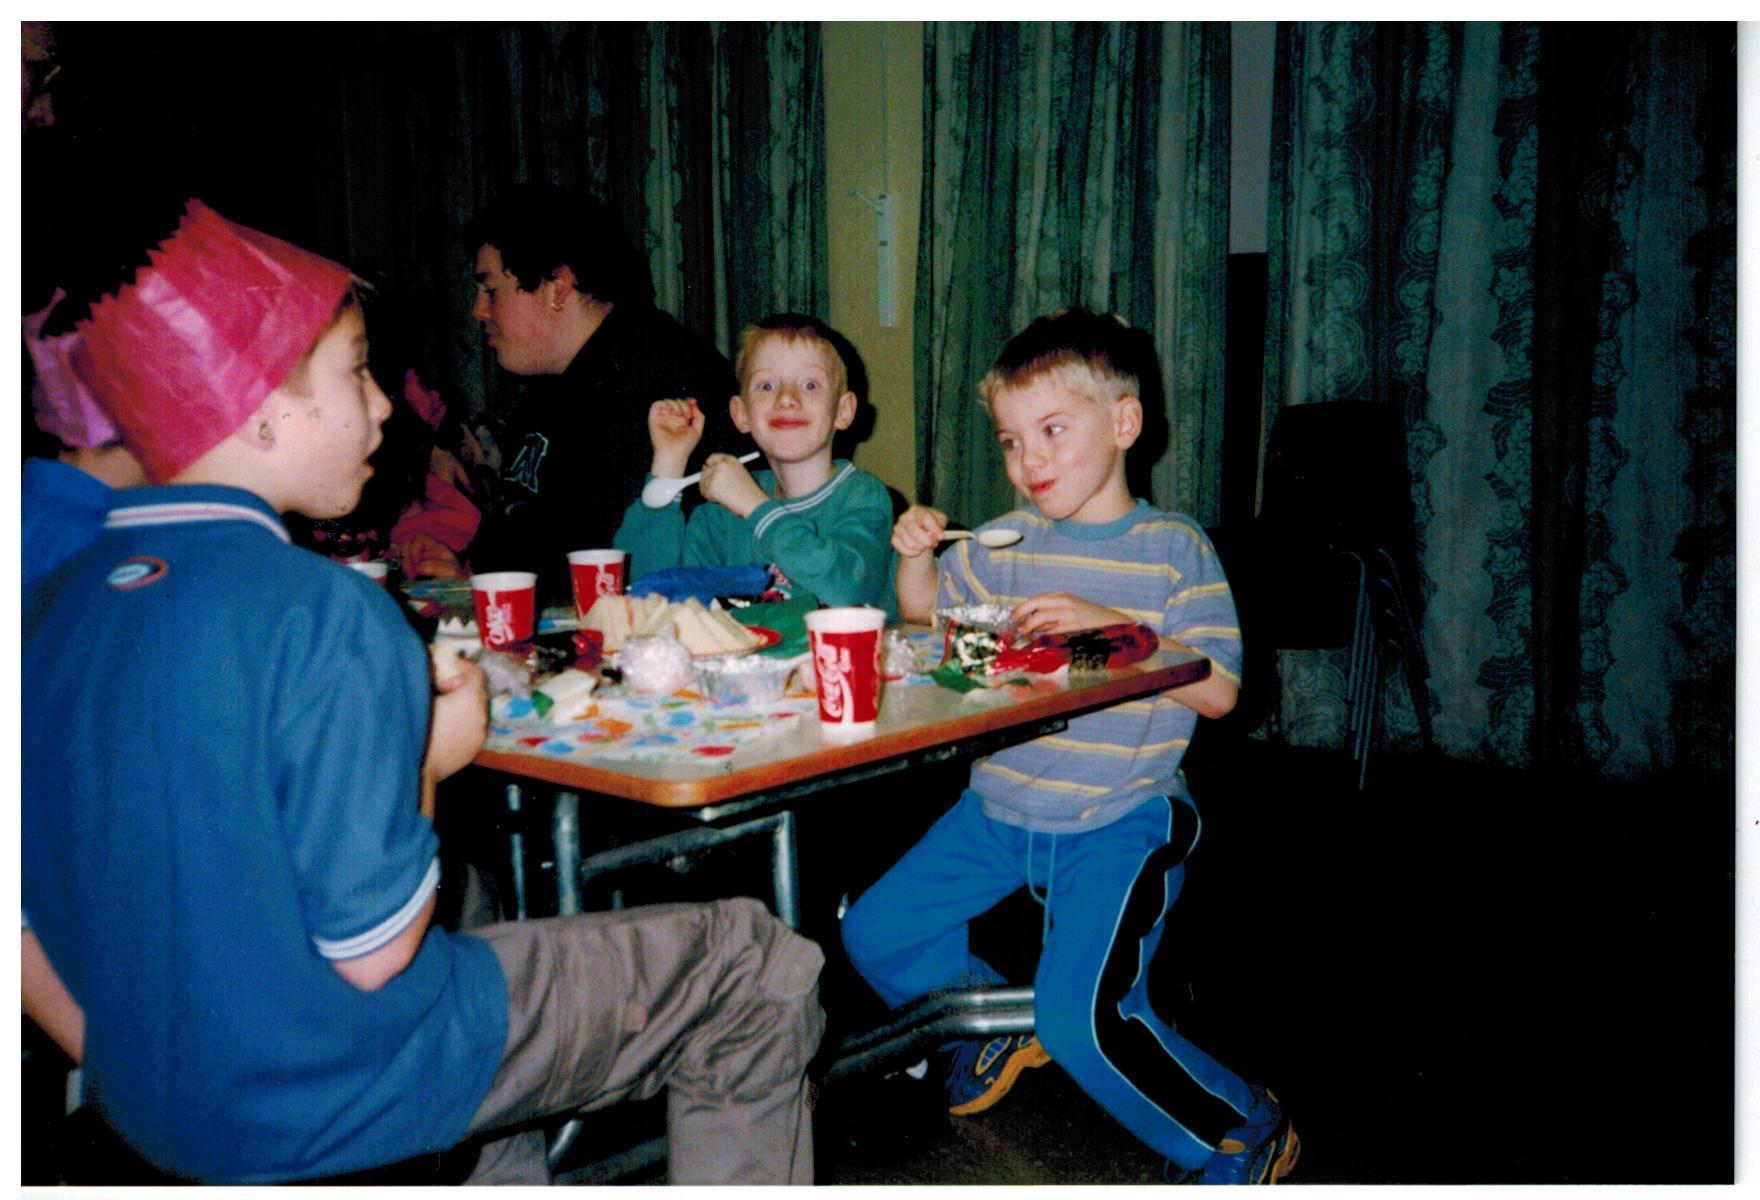 H097_Party_Jan-2000